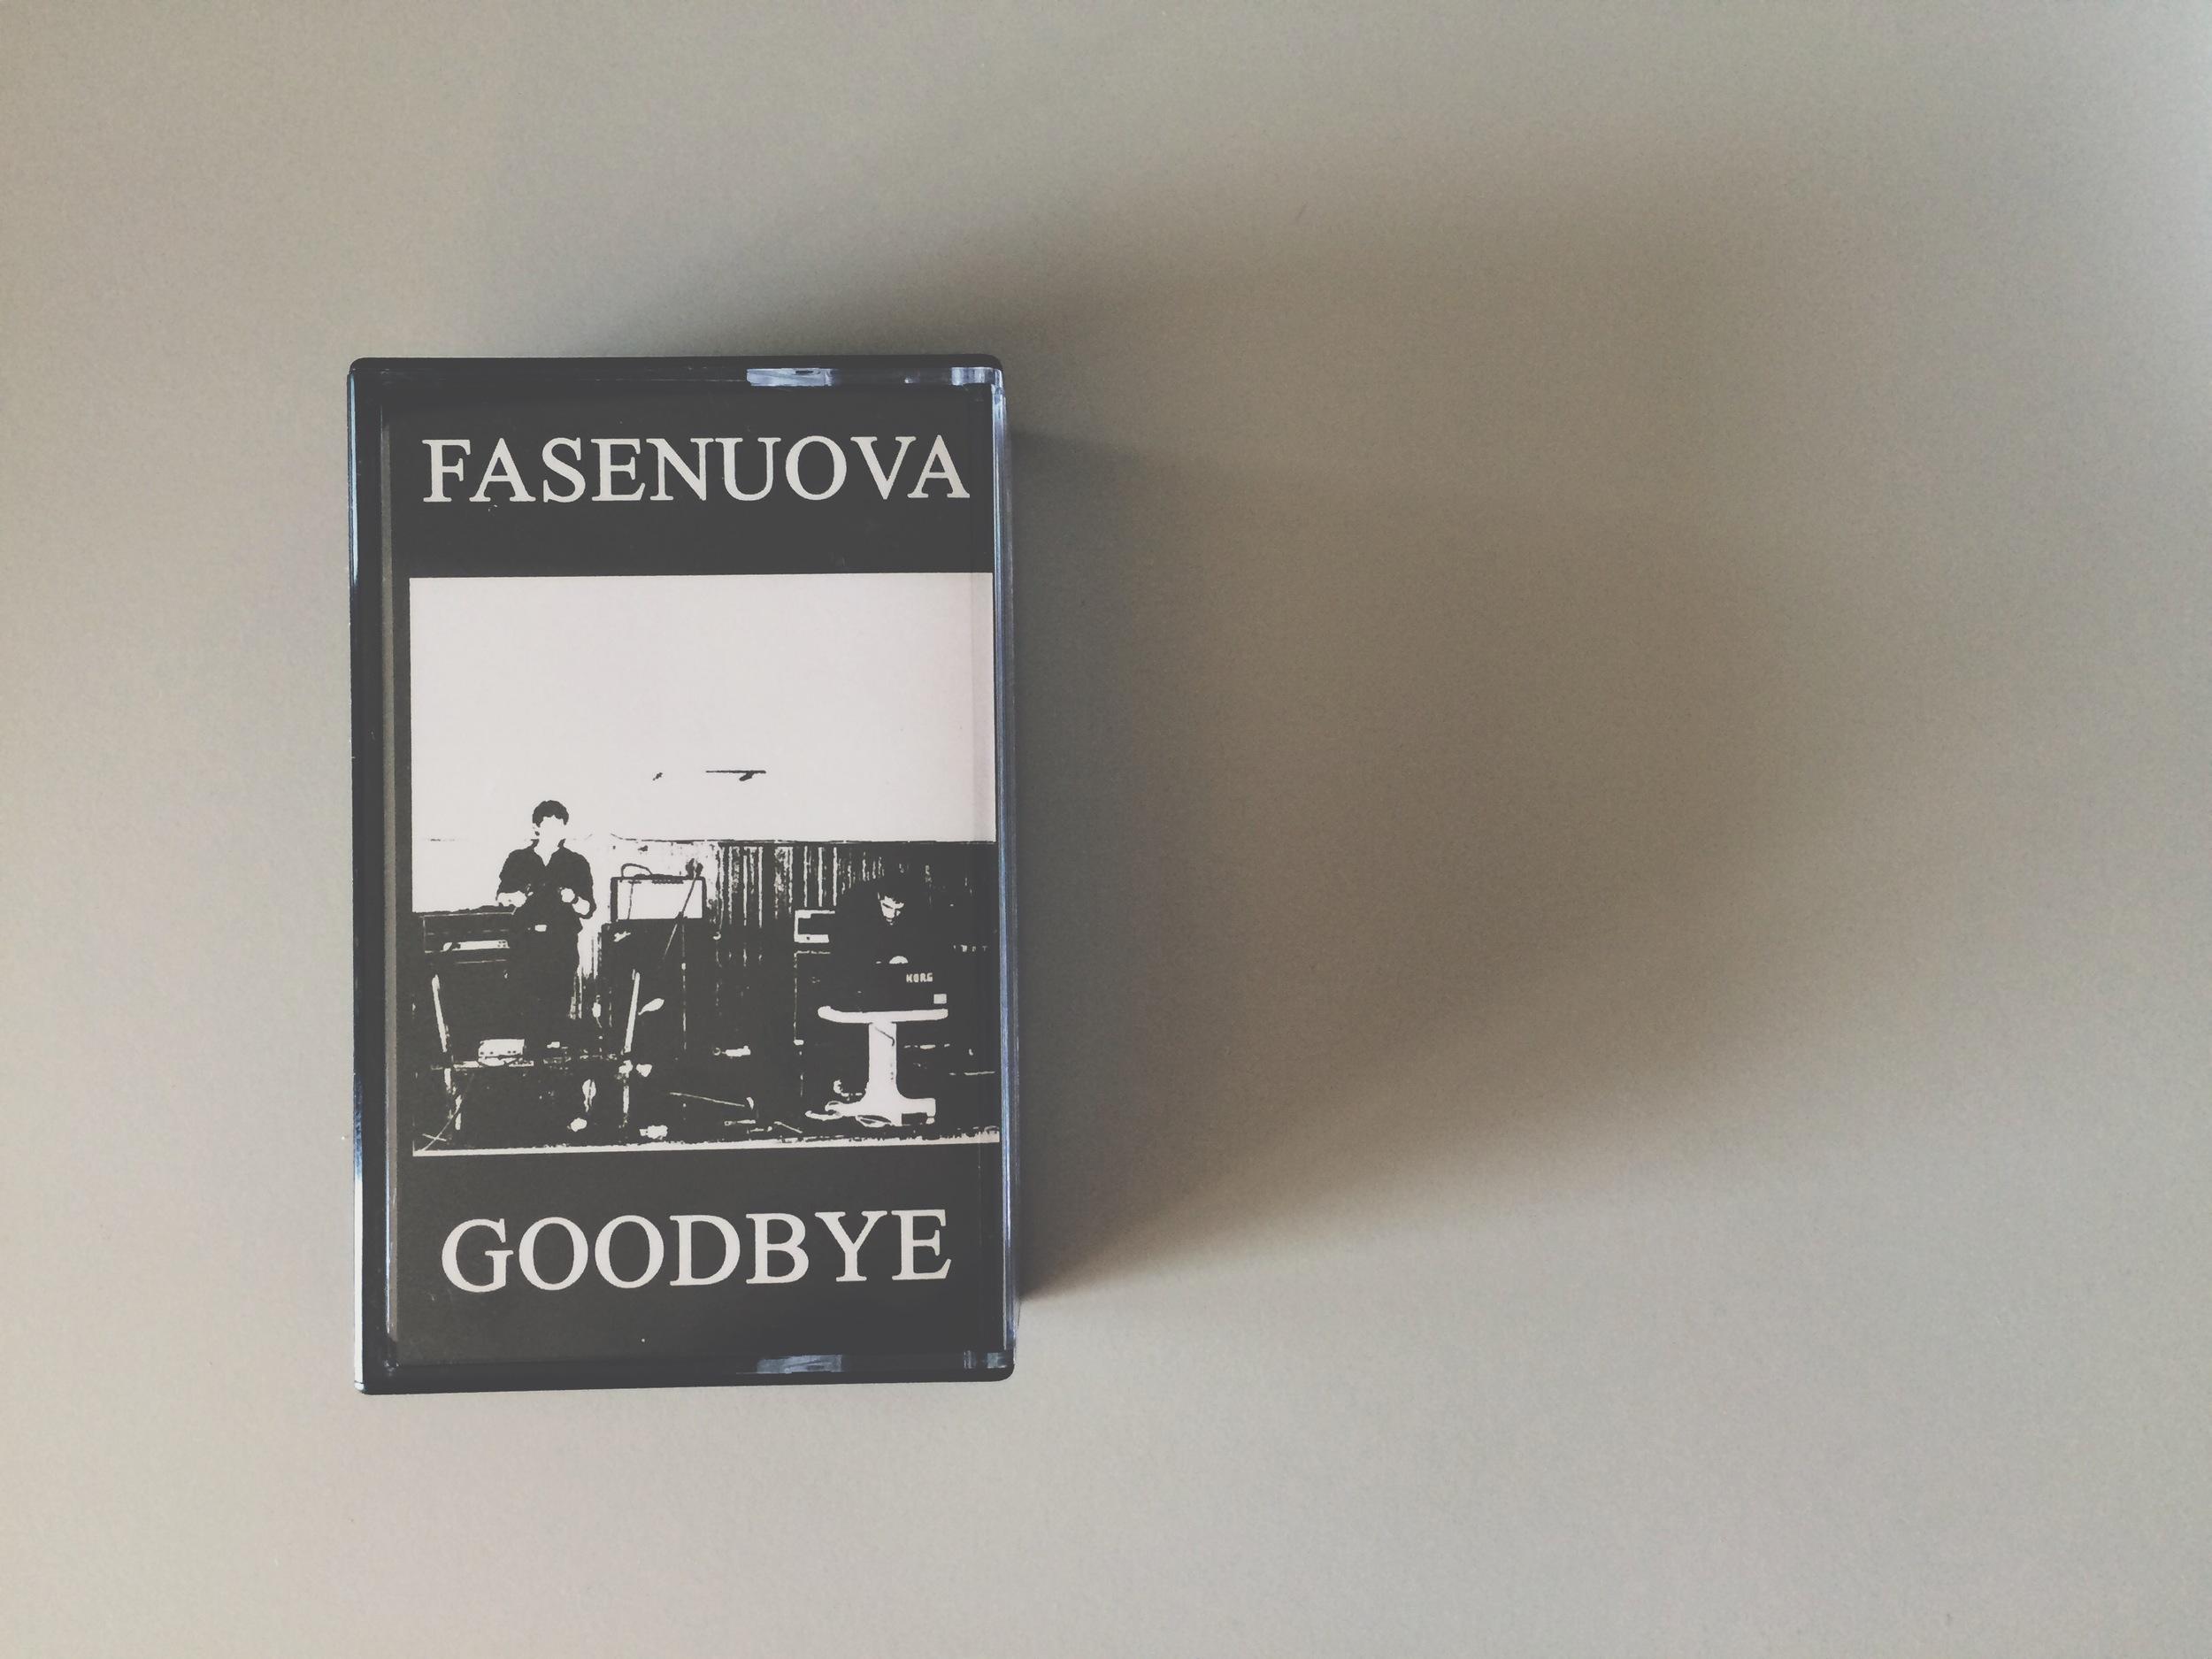 05 Fasenuova - Goodbye.jpg